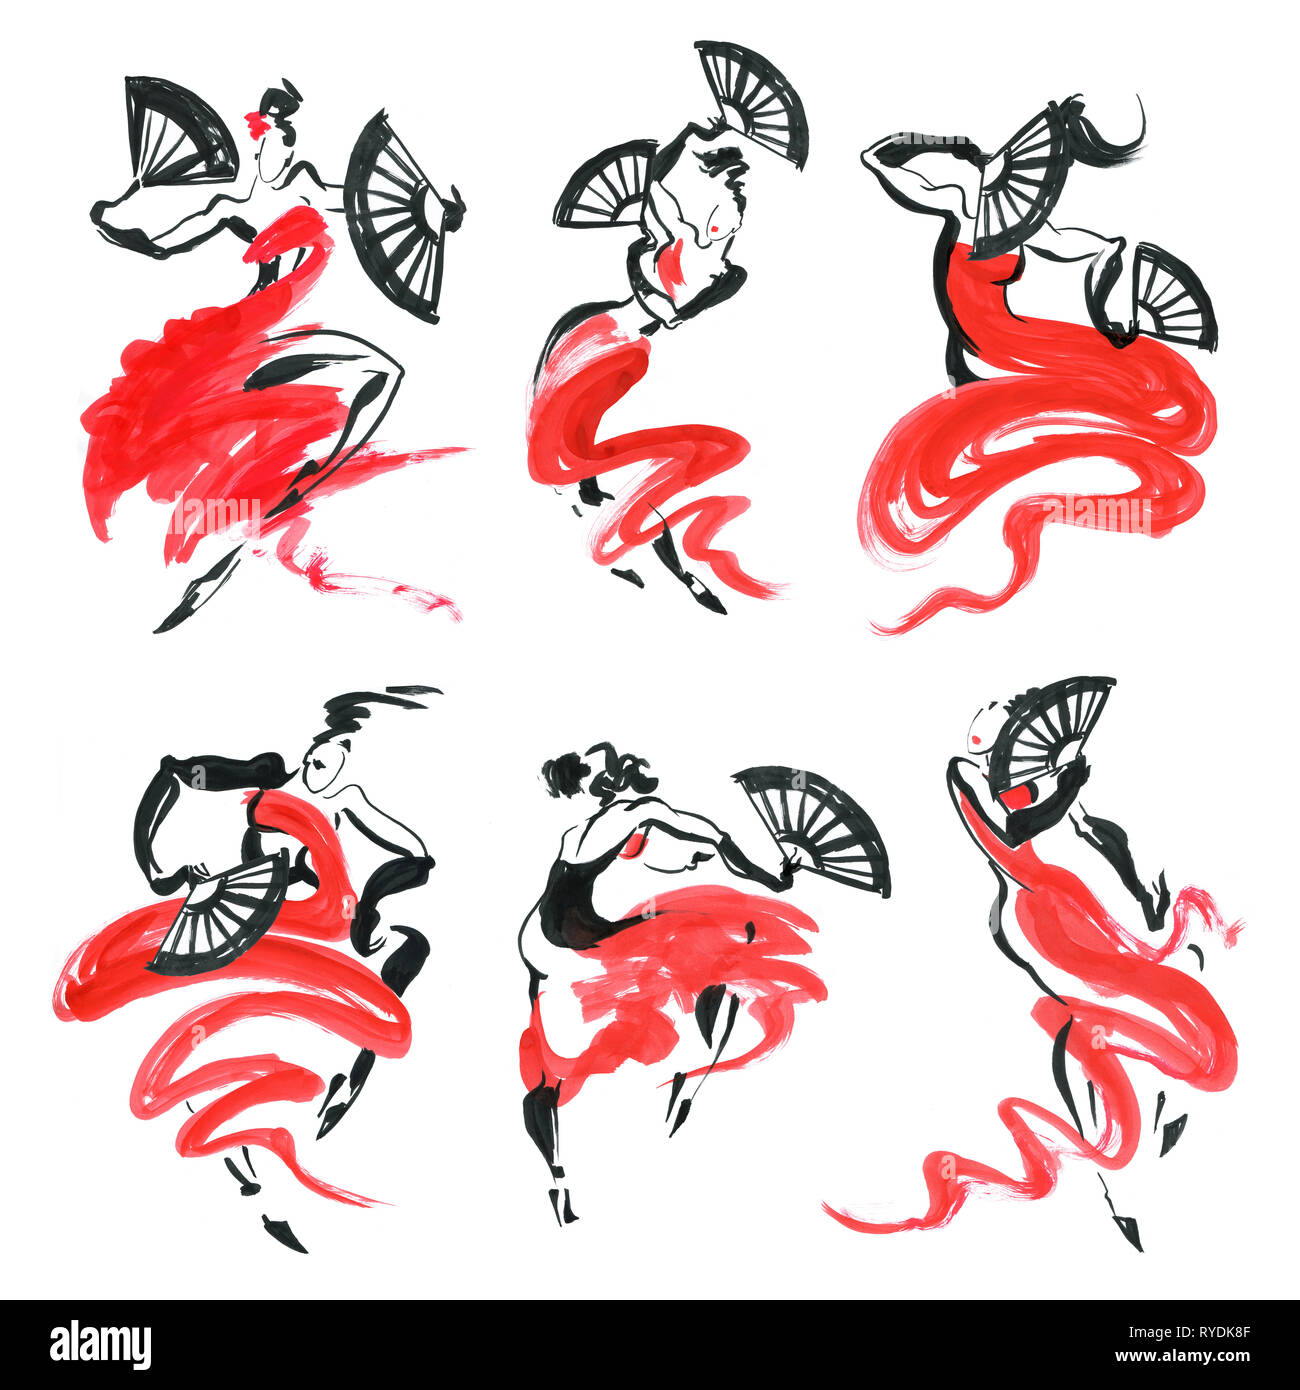 Flamenco. Beautiful Dancing Woman. Watercolor latin dancer. Ink hand painting illustration. - Stock Image